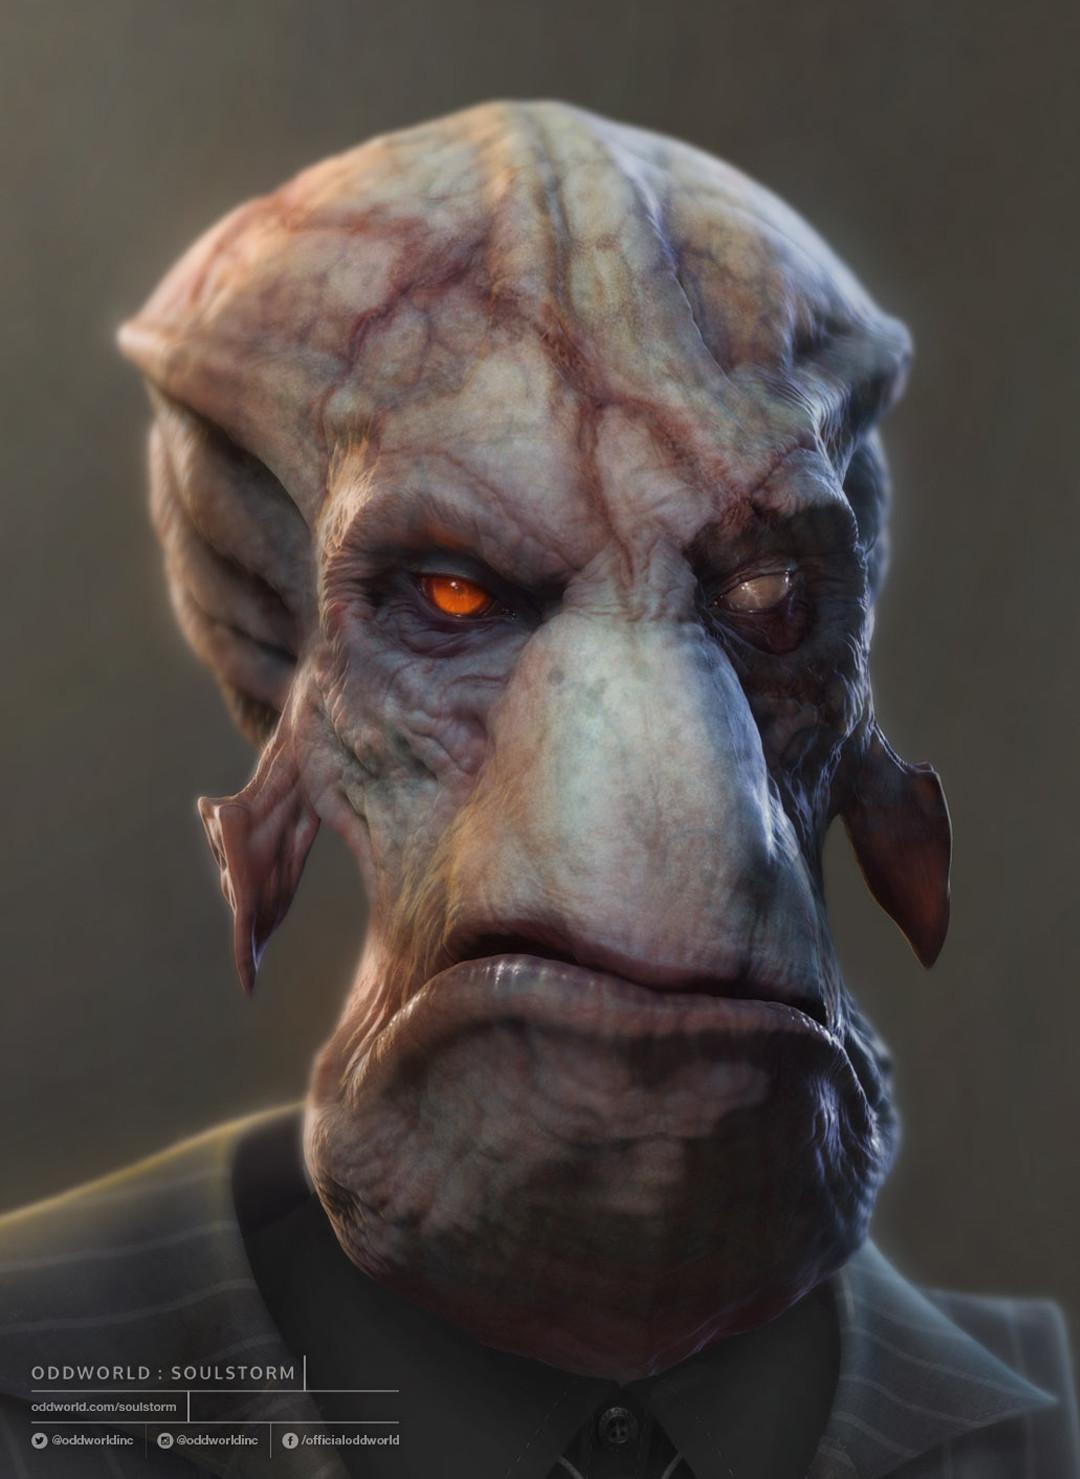 Oddworld Soulstorm character portraits, Molluck